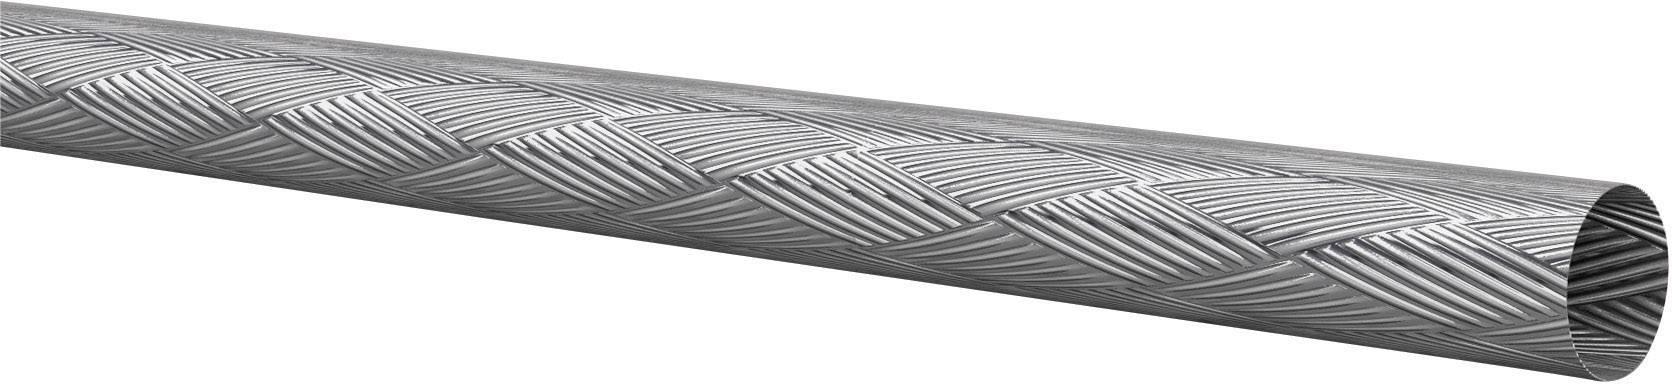 Copper braid, tinned 203670100 Kabeltronik Množství: metrové zboží